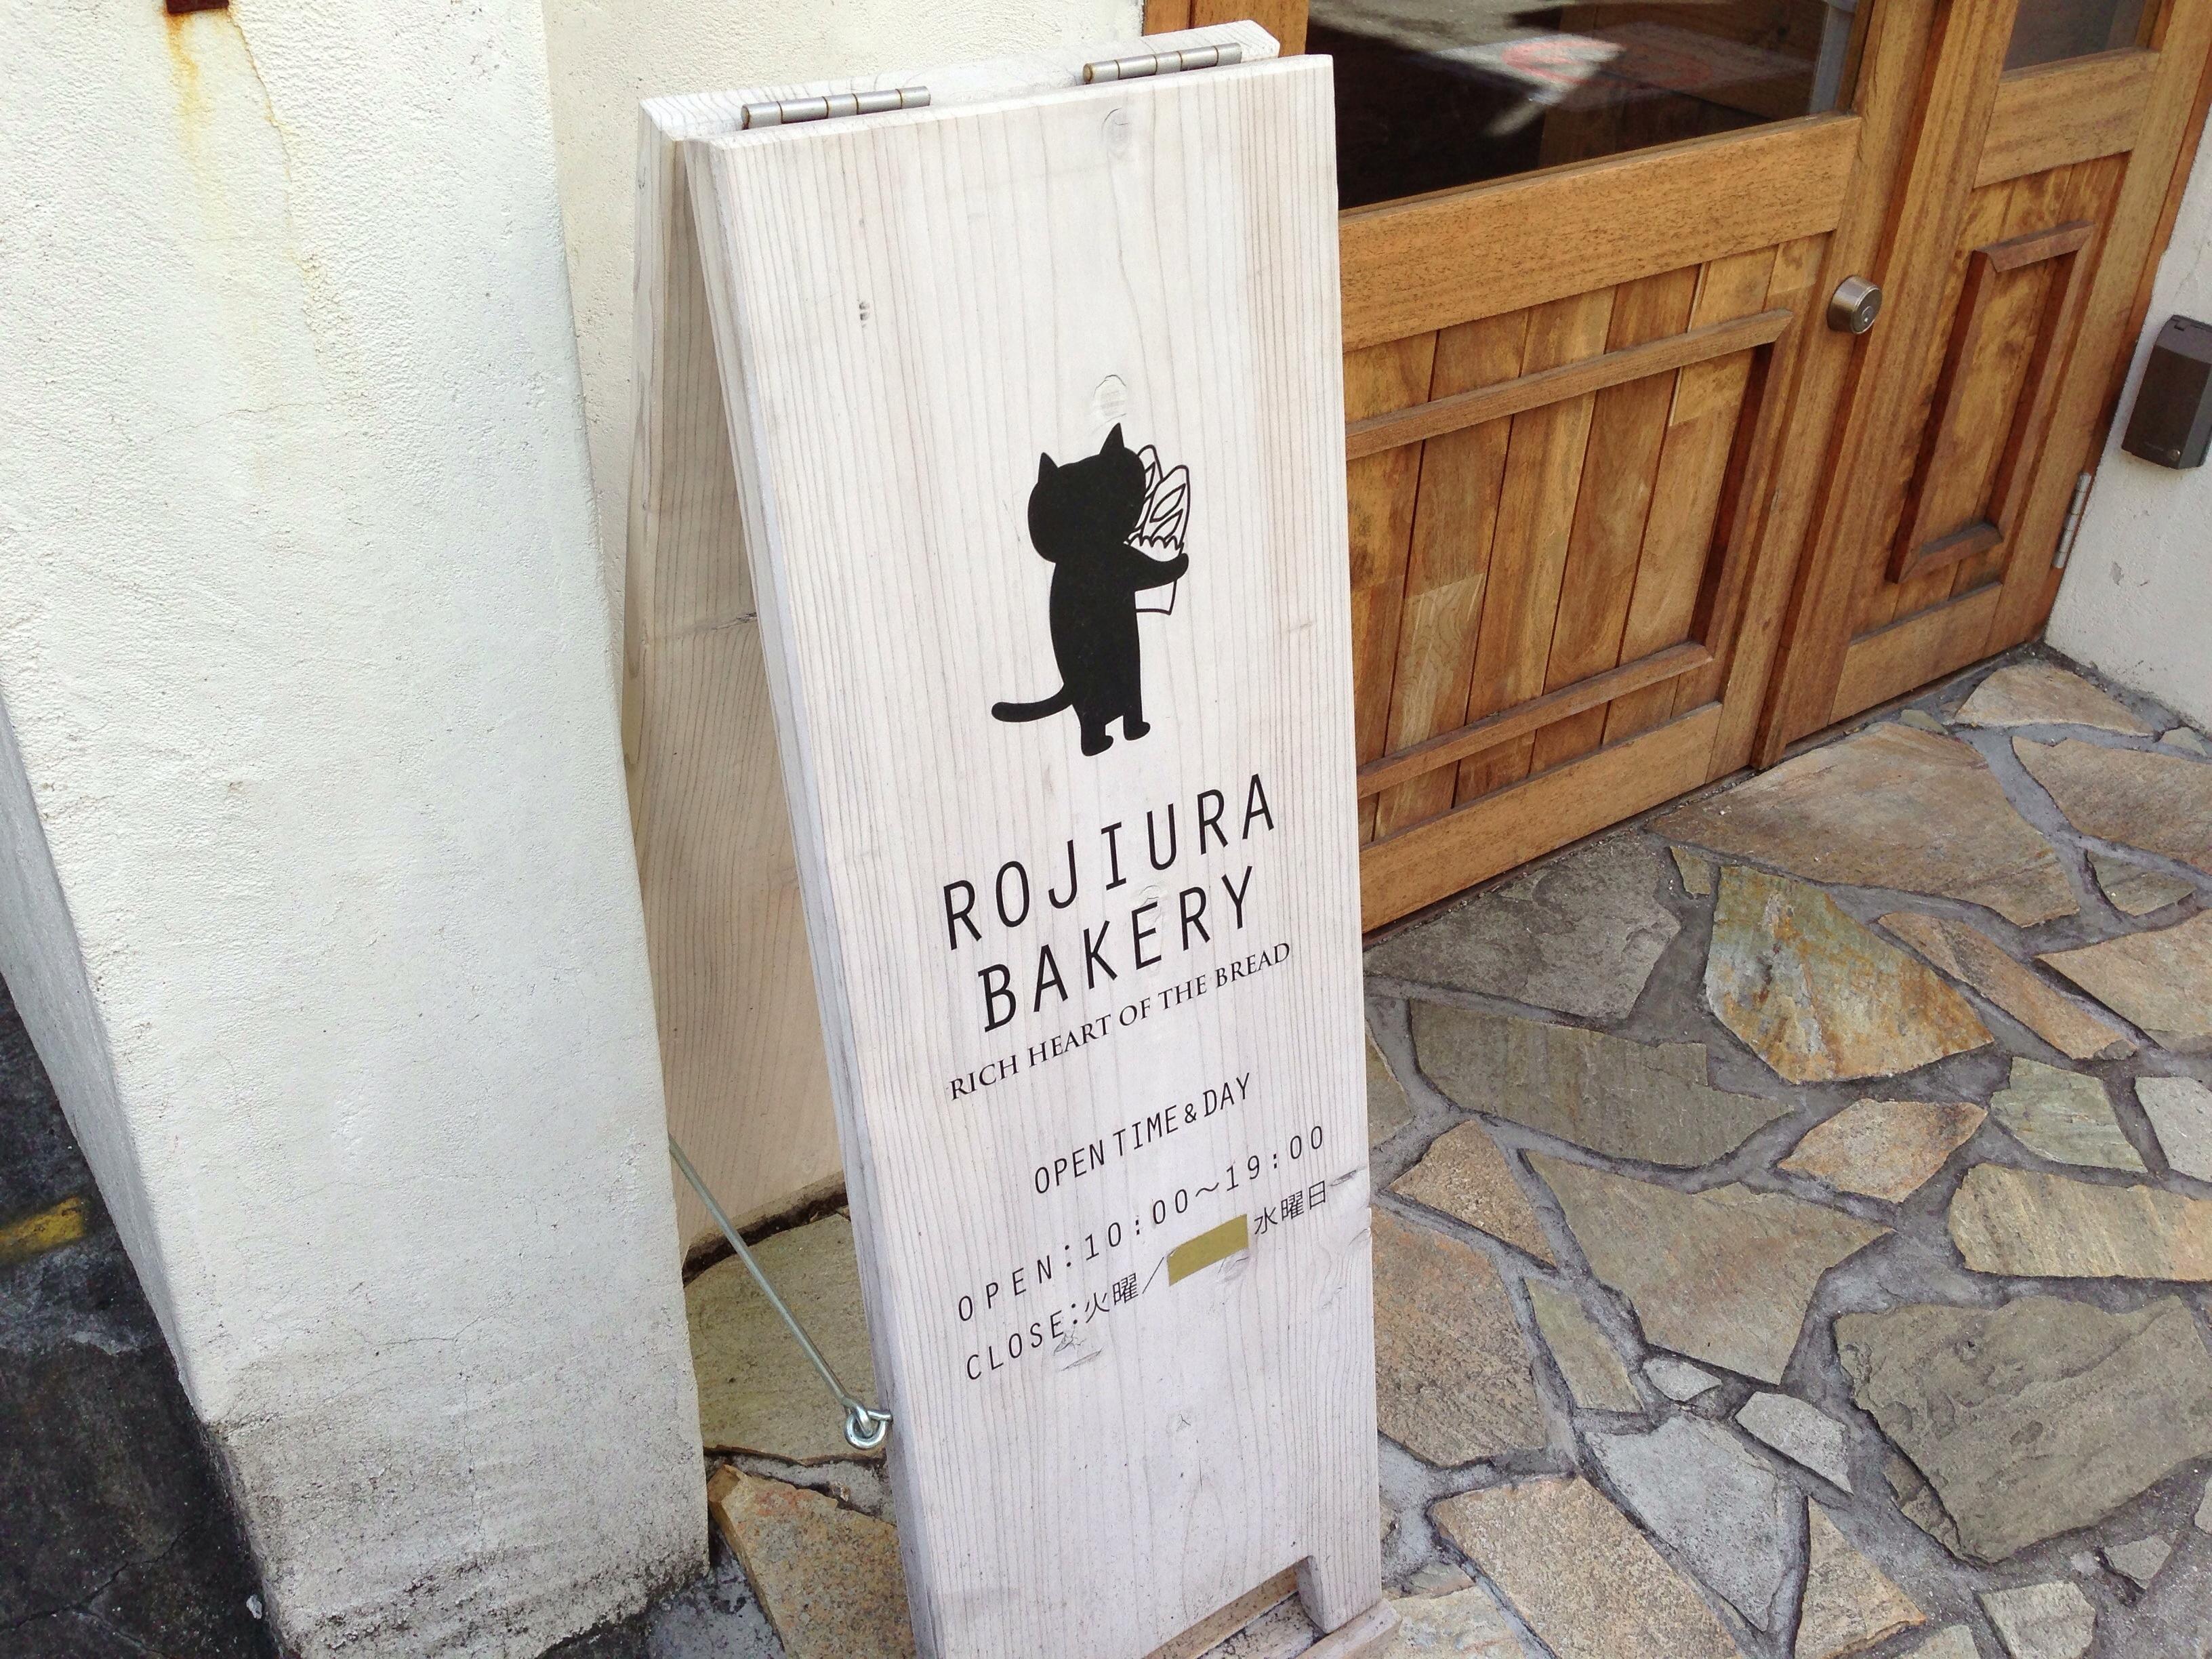 【食べた】狭い店内にたくさんのパンが並ぶ!かわいい黒猫ちゃんが目印のパン屋さん「ロヂウラベーカリー」